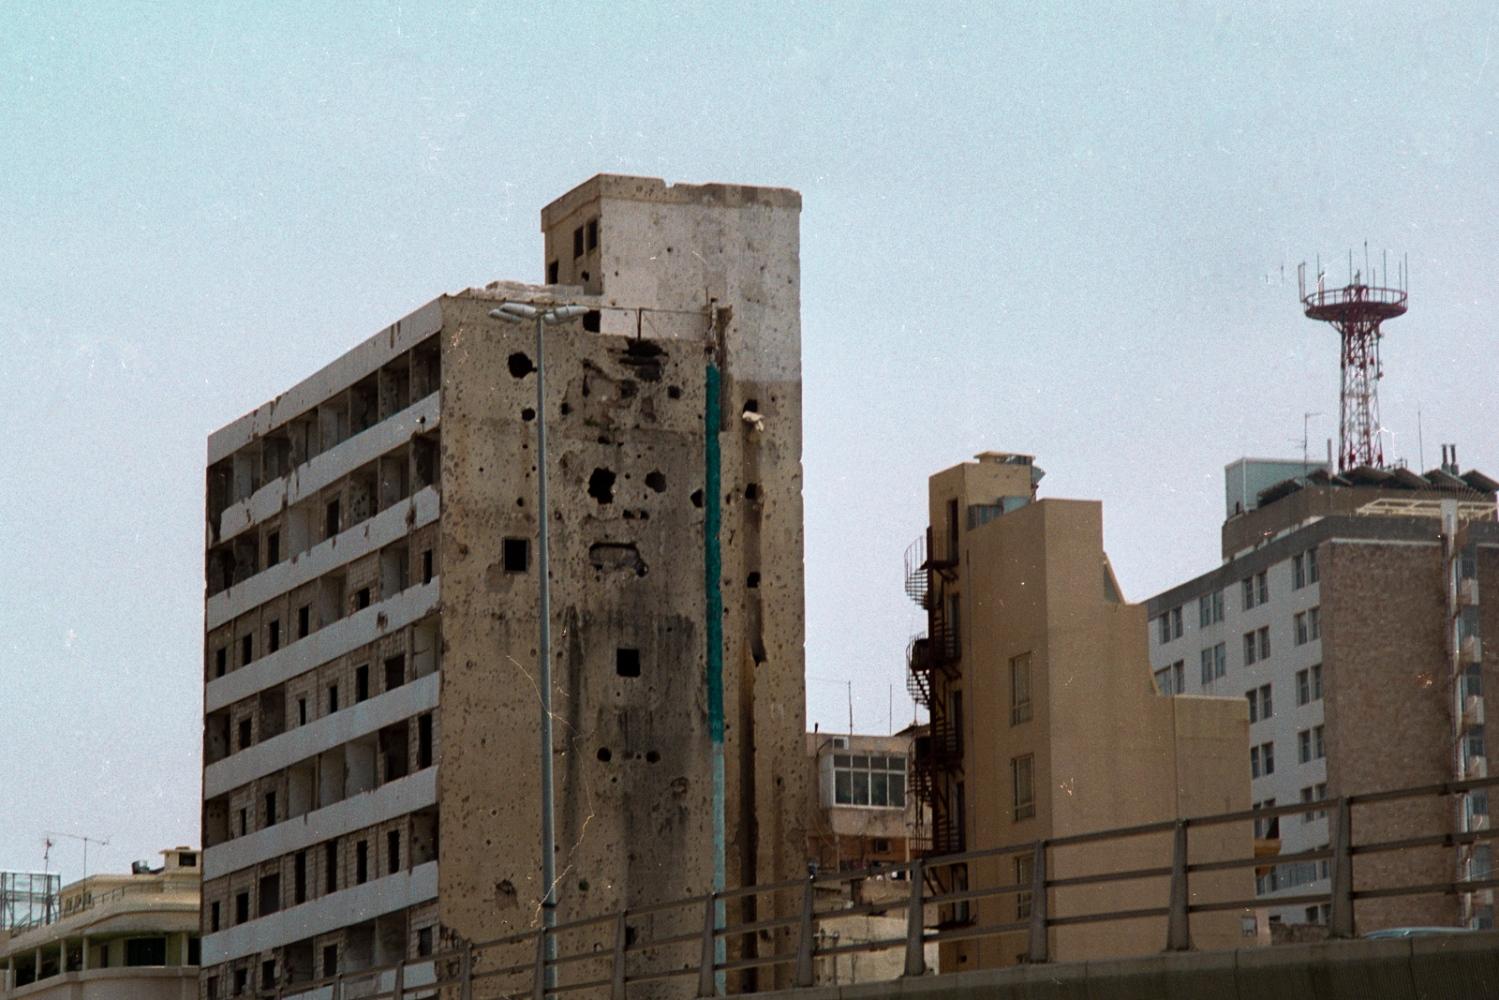 Liban - Beyrouth - Traces de la guerre civile - 2006